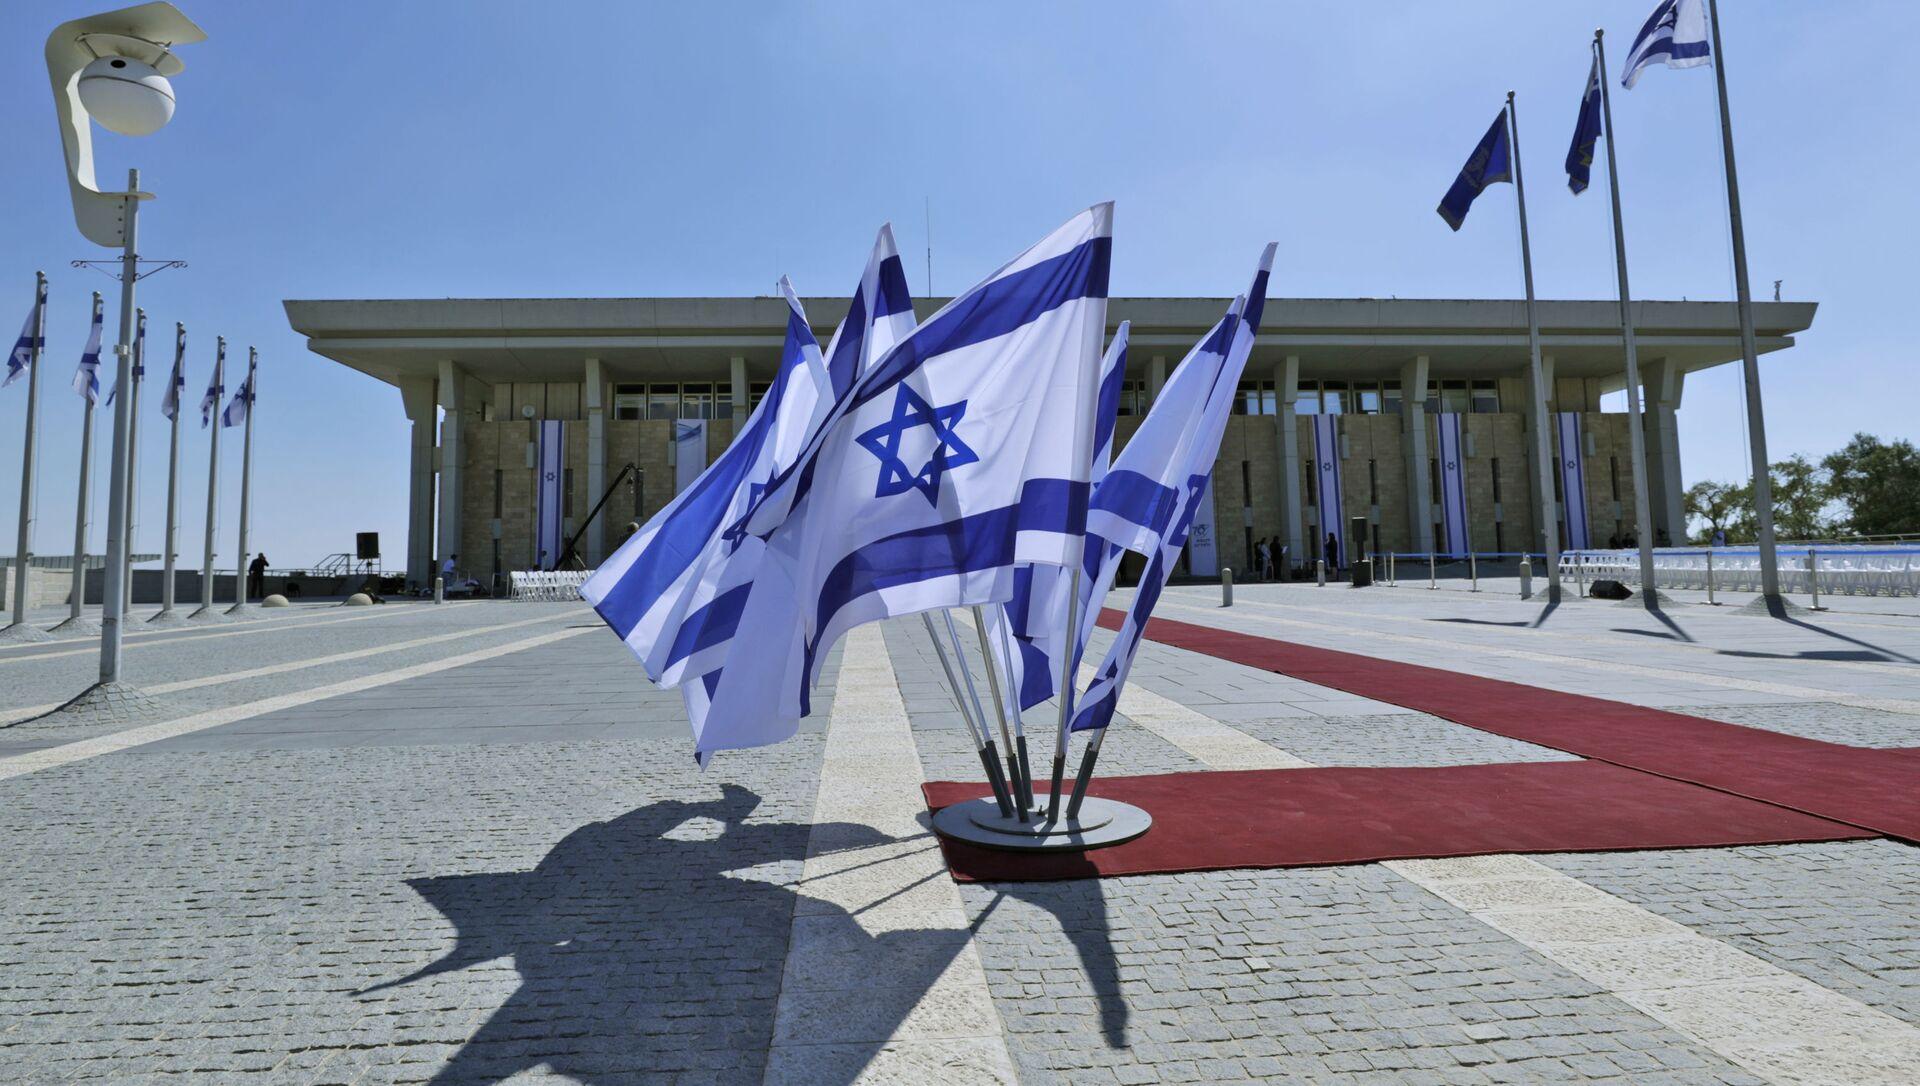 Израильские флаги развеваются перед Кнессетом (израильский парламент) - Sputnik Азербайджан, 1920, 02.06.2021